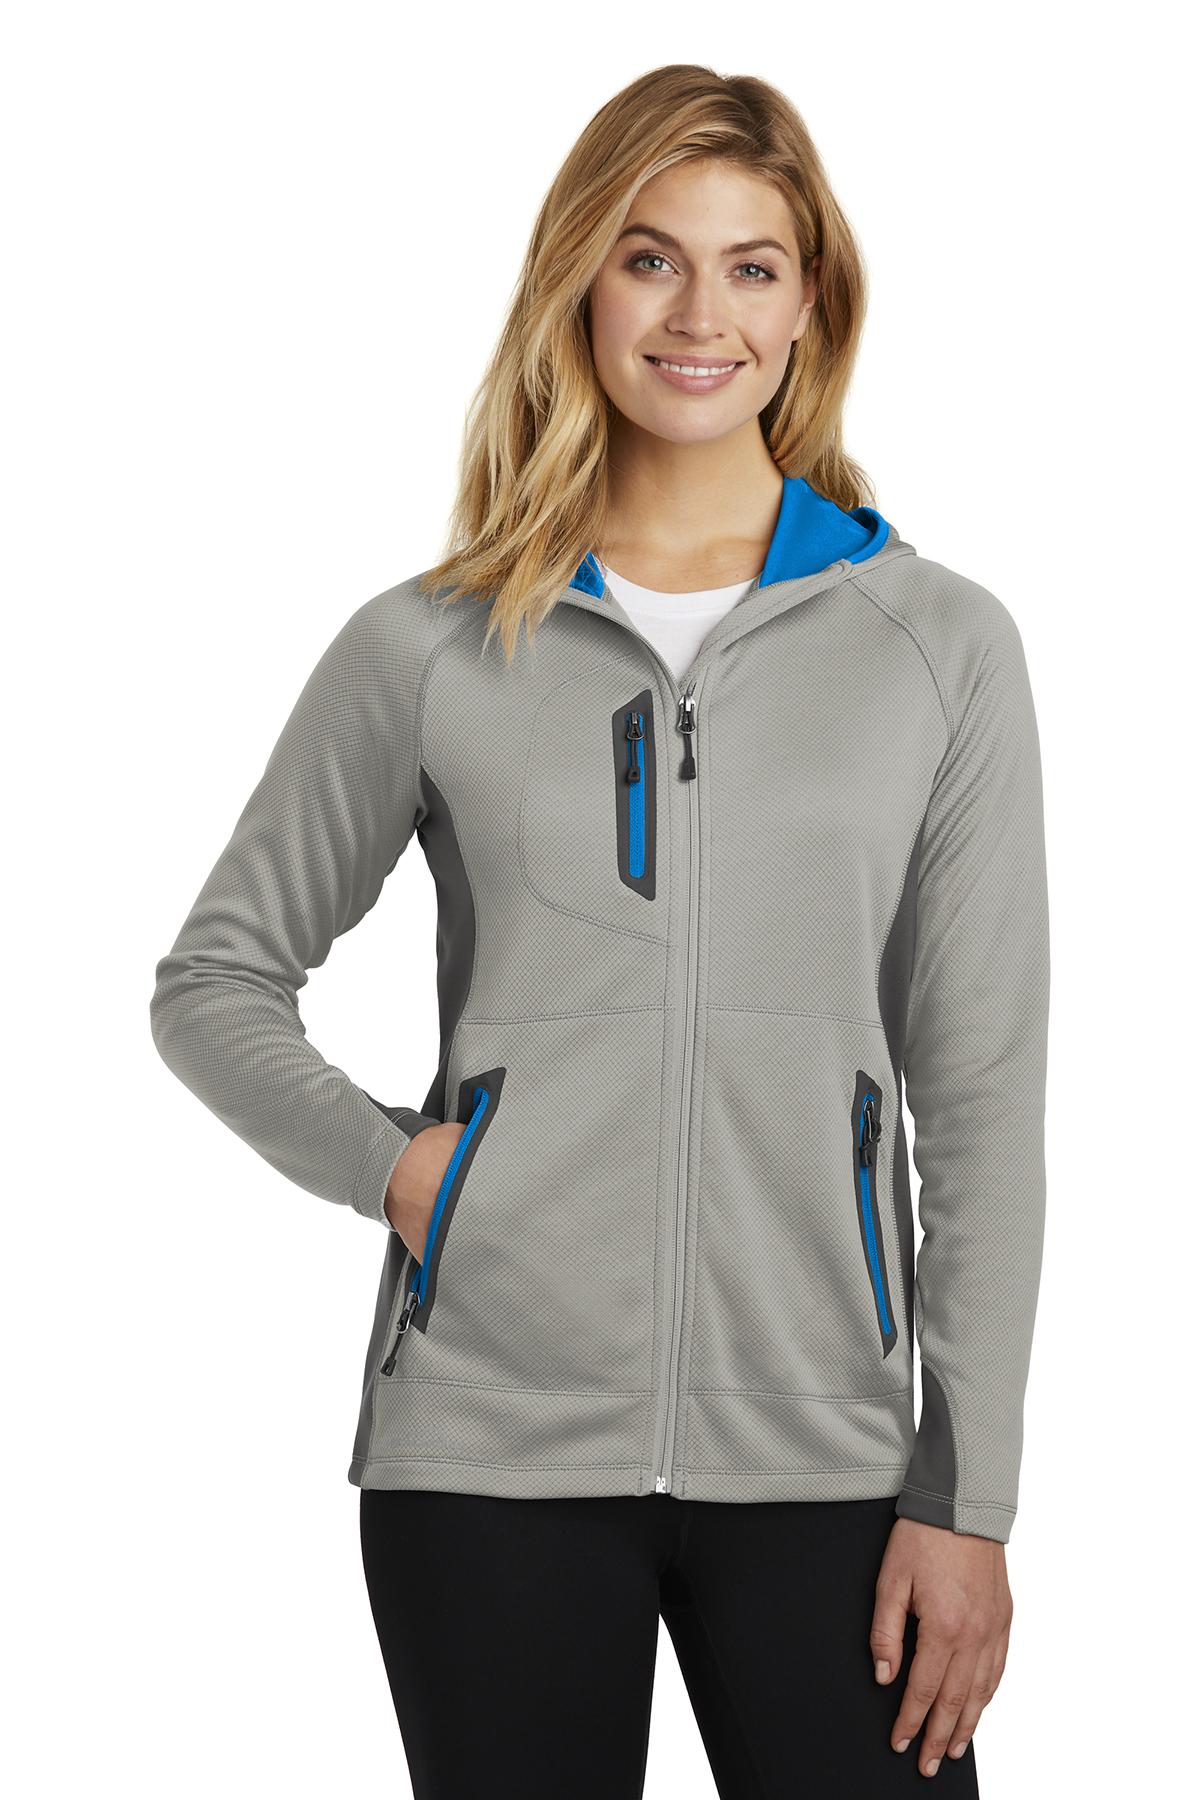 Eddie Bauer EB245 - Ladies Sport Hooded Full-Zip Fleece ...